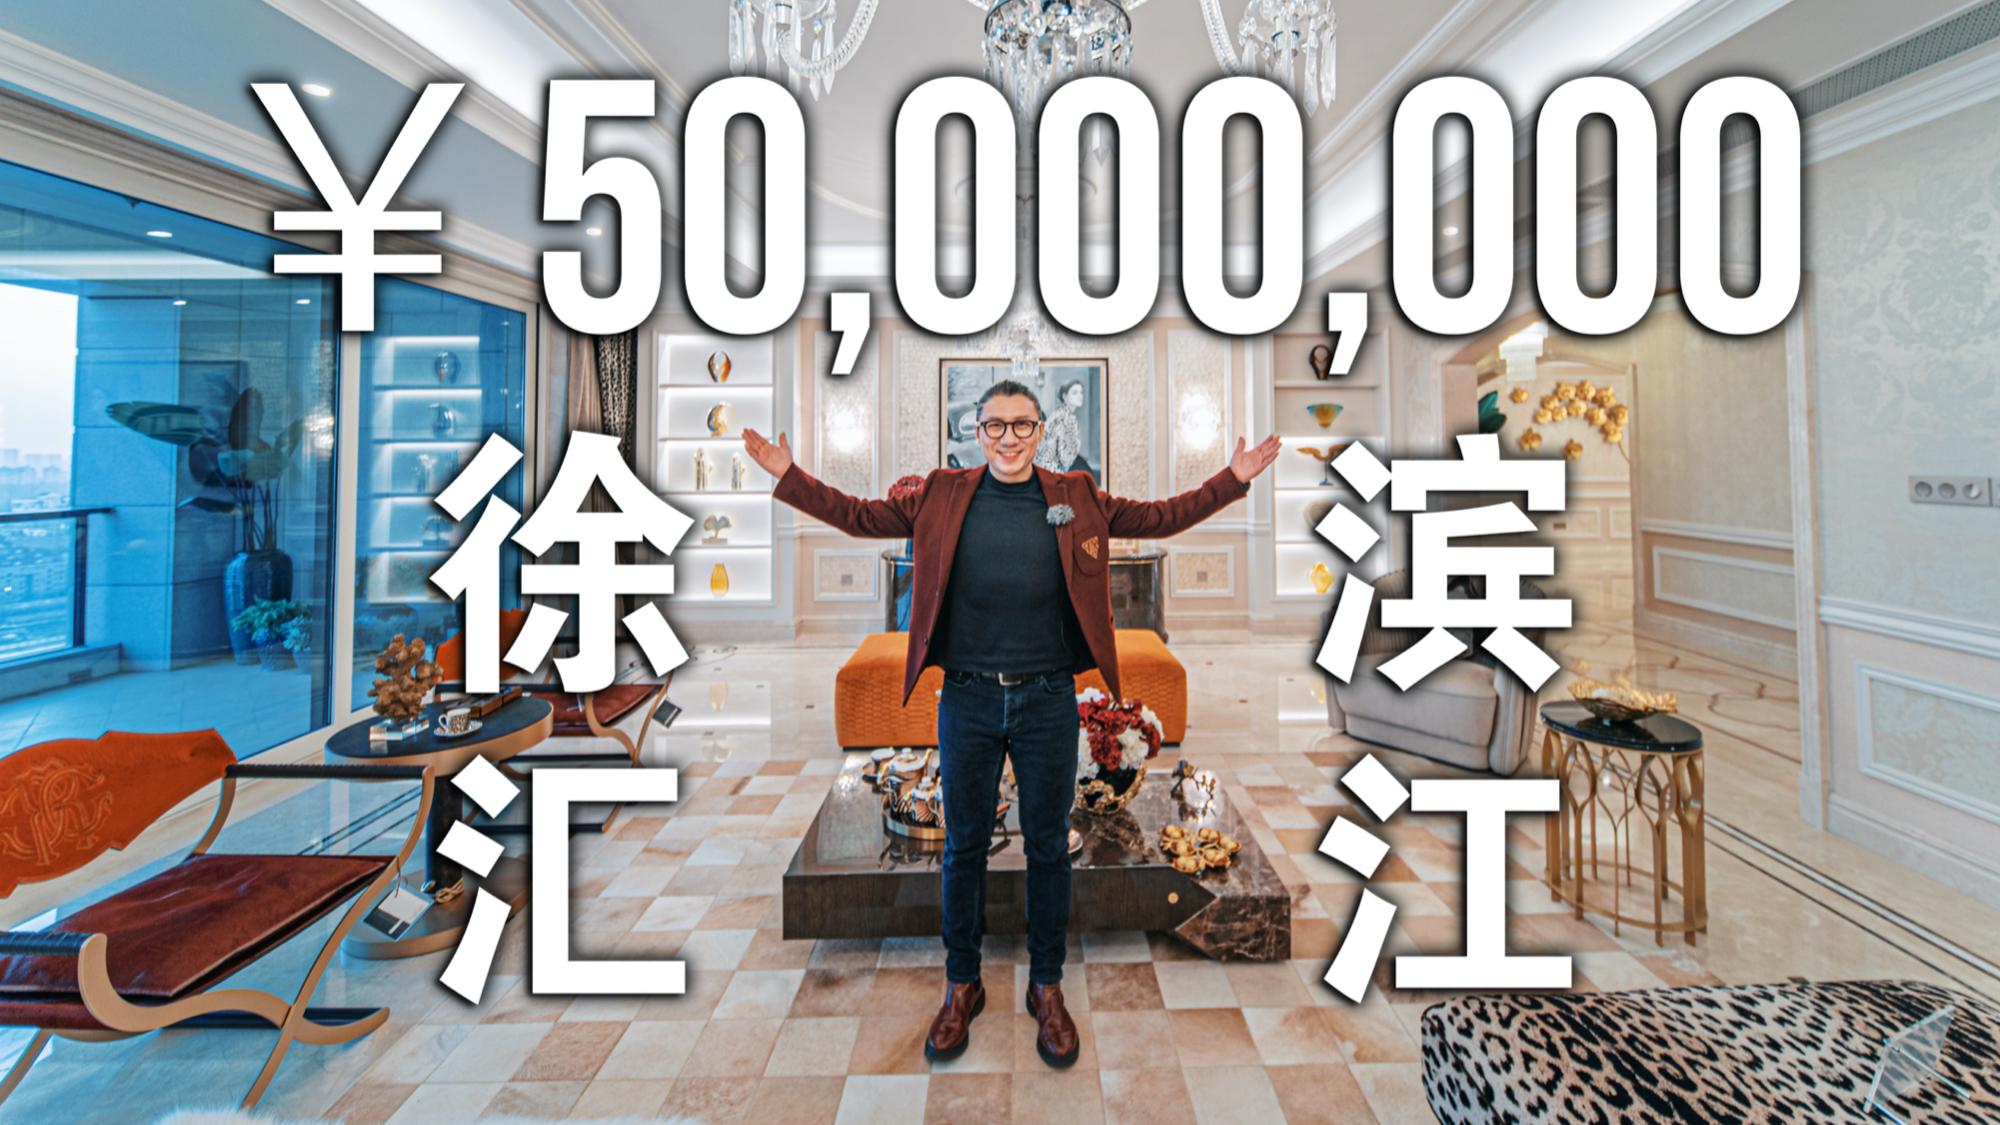 【艾叔】如果一个女人住徐汇滨江半个亿的豪宅会怎样?